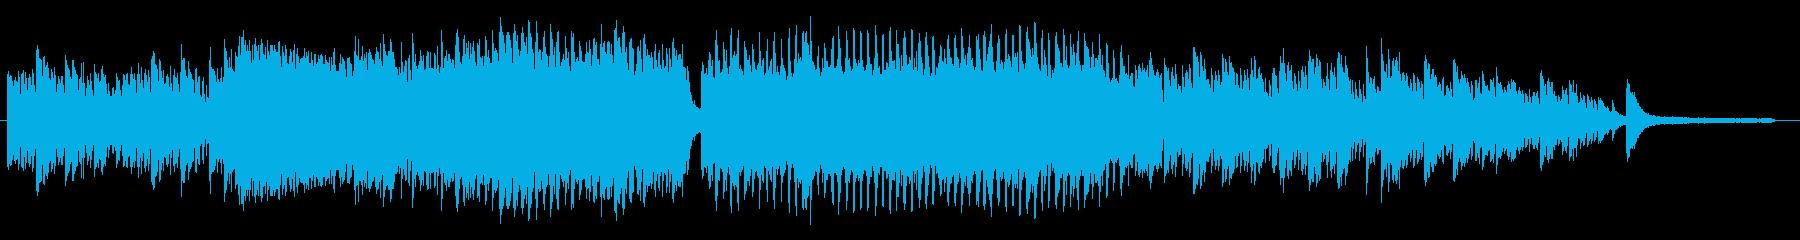 壮大感のあるバラード(和風)の再生済みの波形